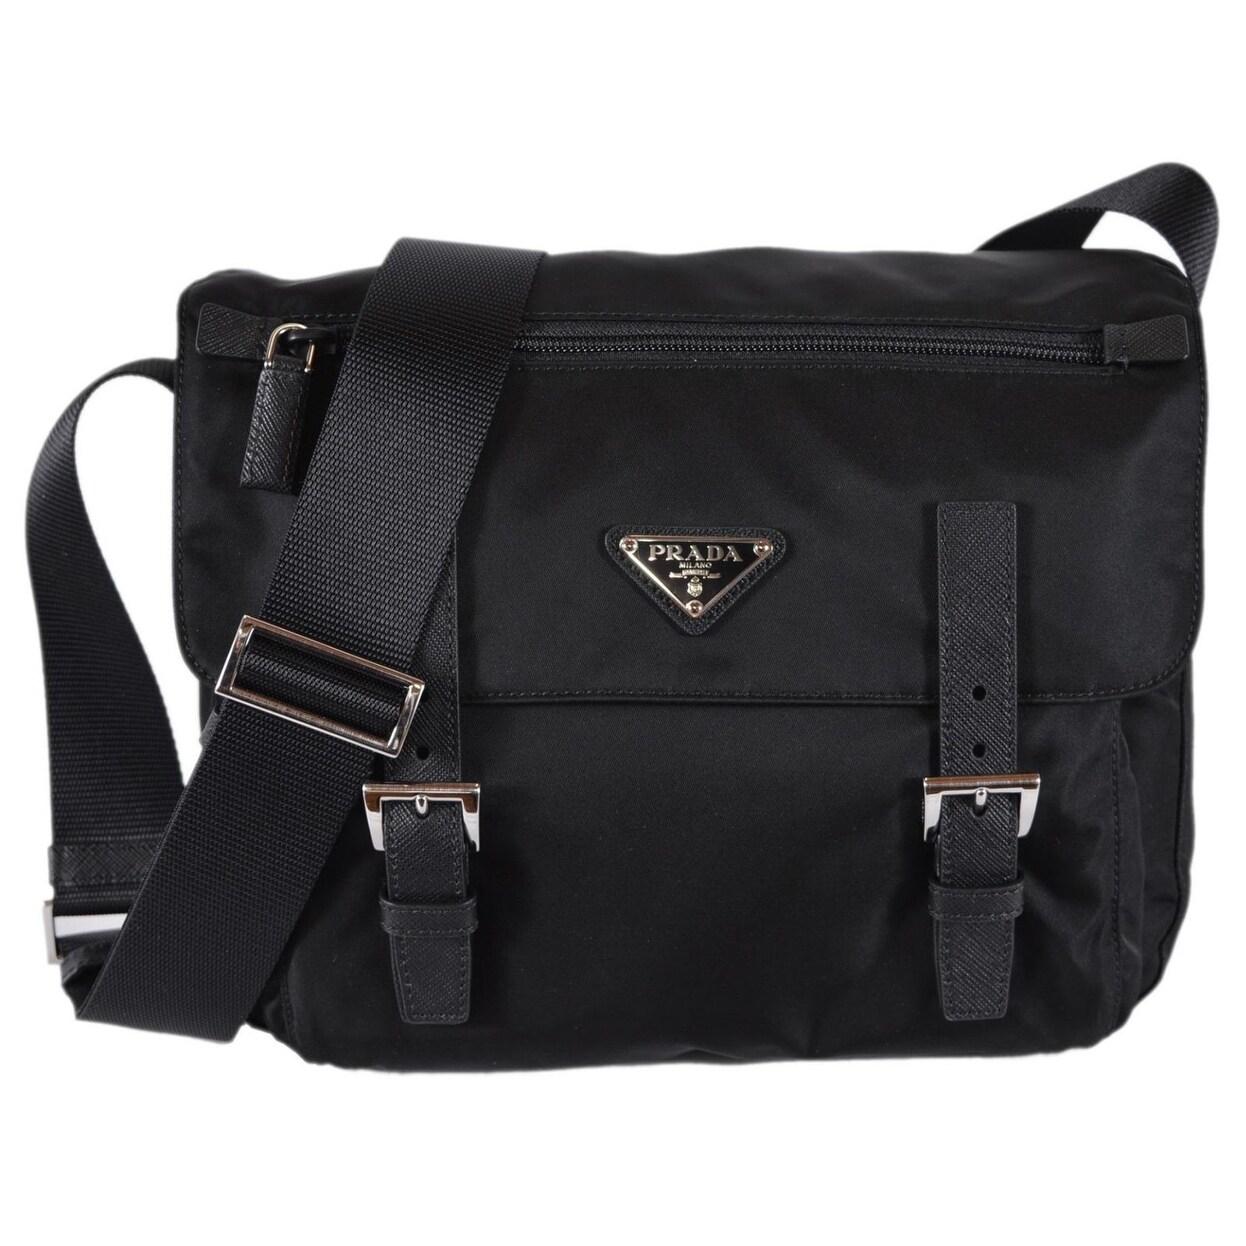 a03125e77a08 Prada 1BD953 Pattina Black Tessuto Nylon Messenger Bag Crossbody Purse. by  Prada